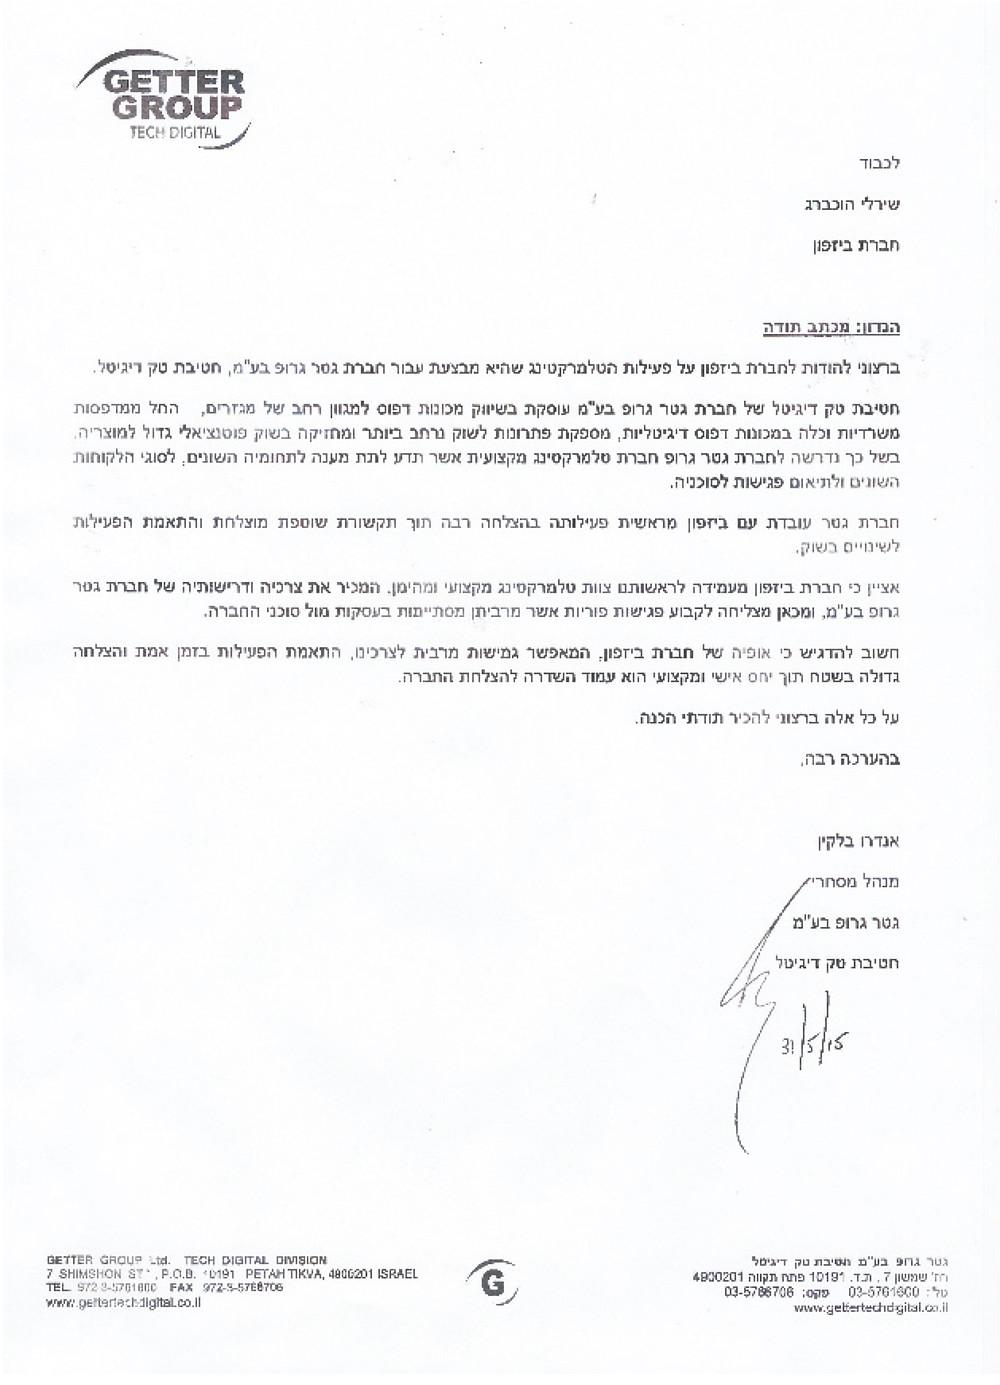 המלצה על חב׳ ביזפון תאום פגישות לעסקים מקבוצת גטר